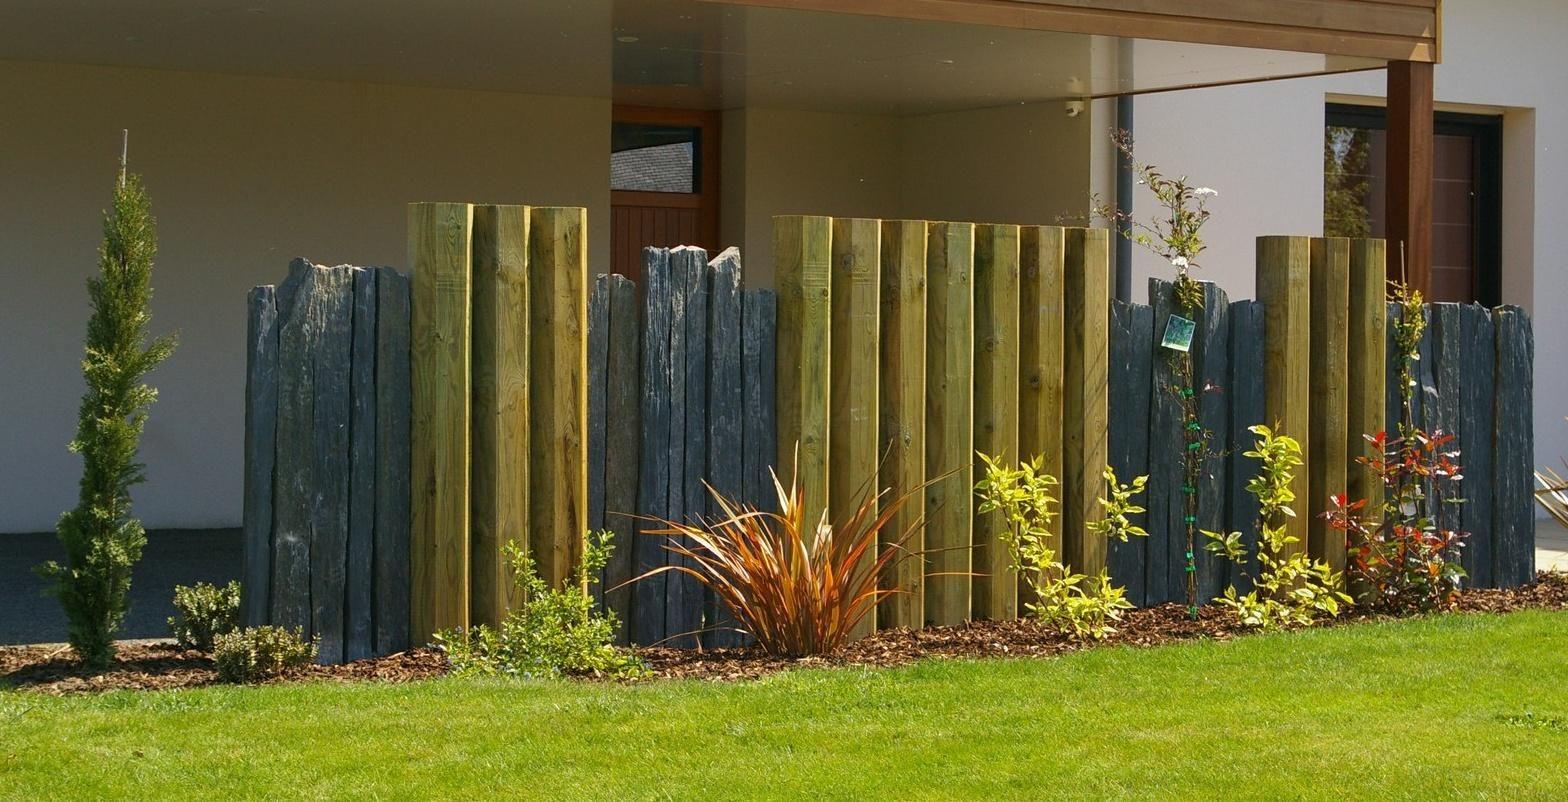 brise vue bois et schiste couric paysage tregunc jardin. Black Bedroom Furniture Sets. Home Design Ideas